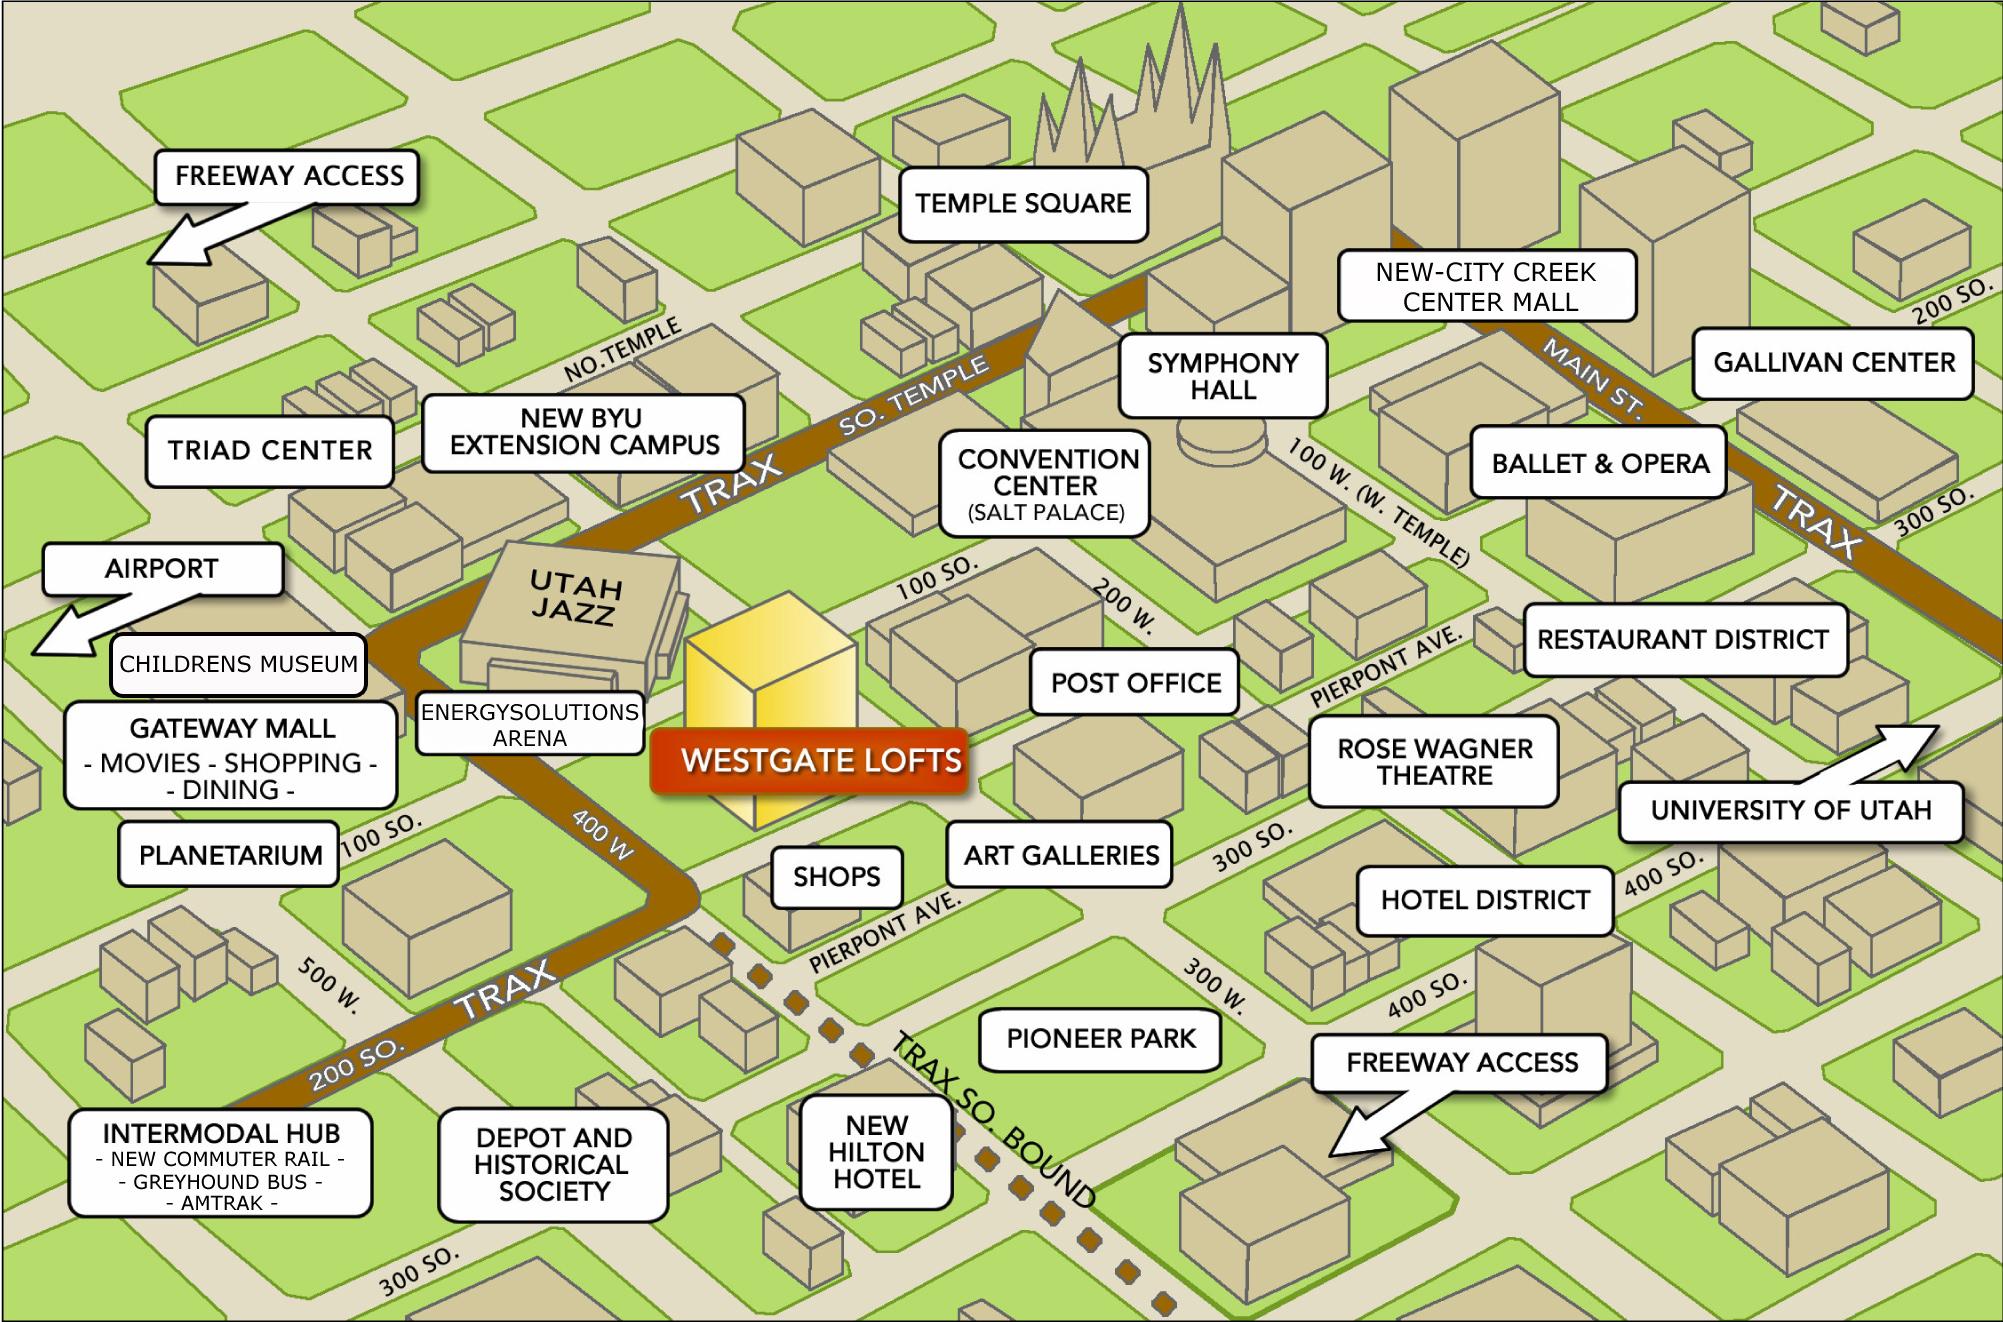 About Lofts Westgate Lofts